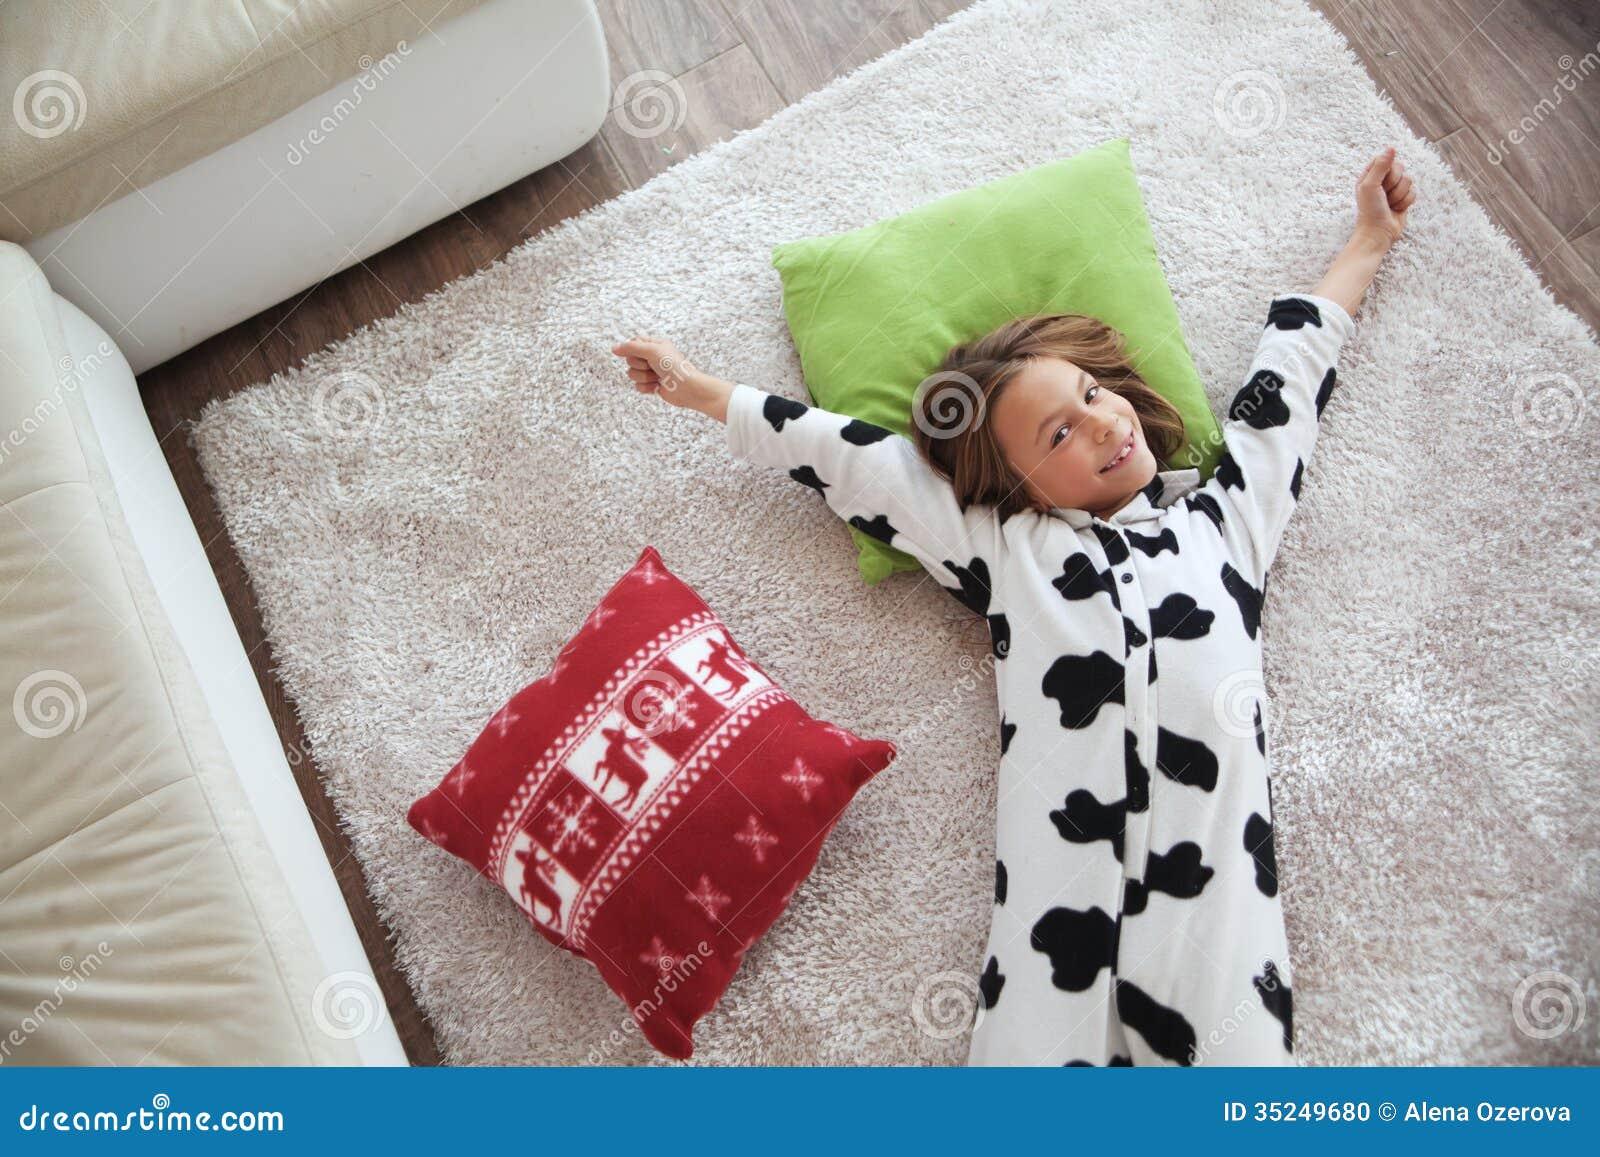 Фото девушек в пижамах с подушками 20 фотография